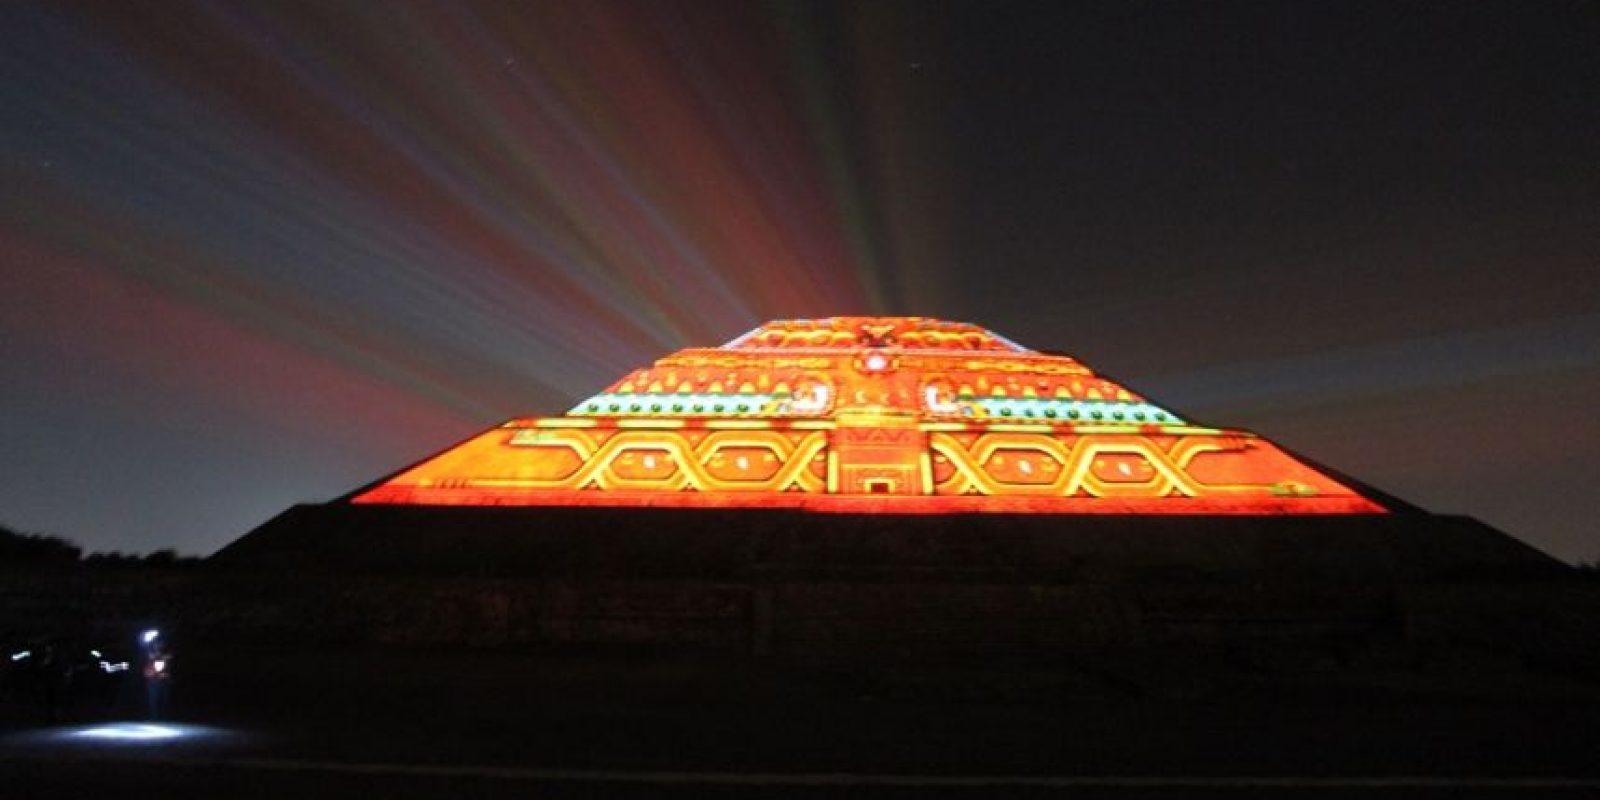 Un día en Teotihuacán. Teotihuacán es simplemente impresionante. Se trata de una de las mayores ciudades prehispánicas de Mesoamérica y vale la pena ir a conocerla. Completa tu visita con un almuerzo en el restaurante La Gruta y quédate para el espectáculo nocturno… ¡Asombroso! Foto:Fuente externa